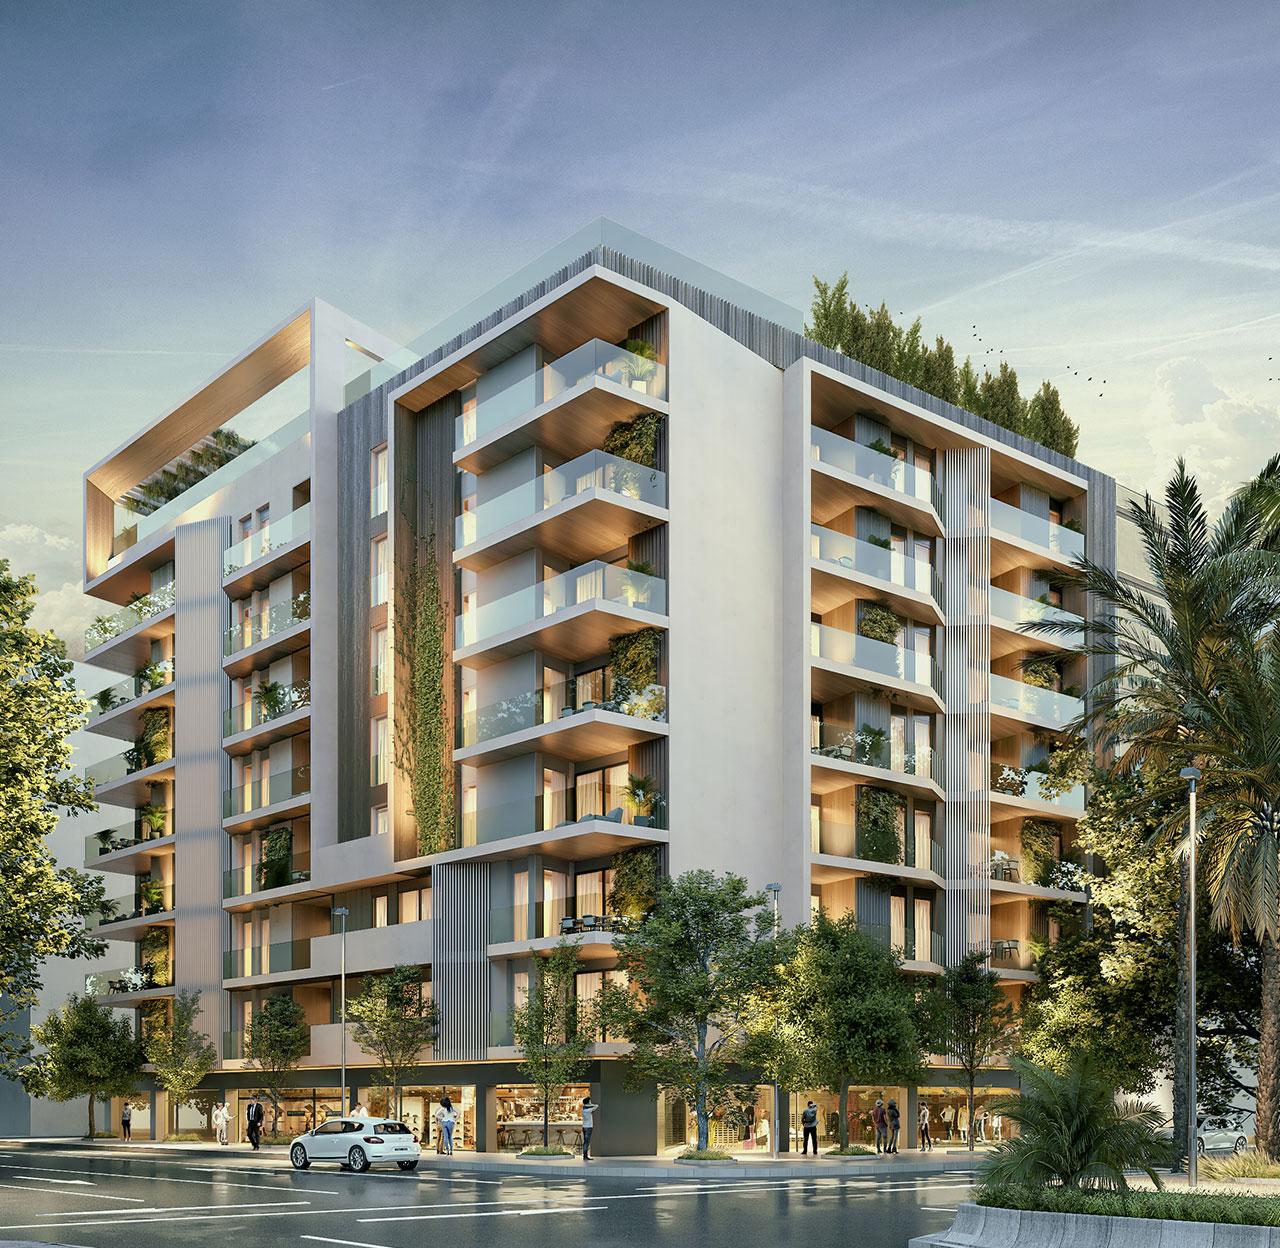 Promoción de viviendas de obra nueva en Cádiz: Avda. de la Constitución